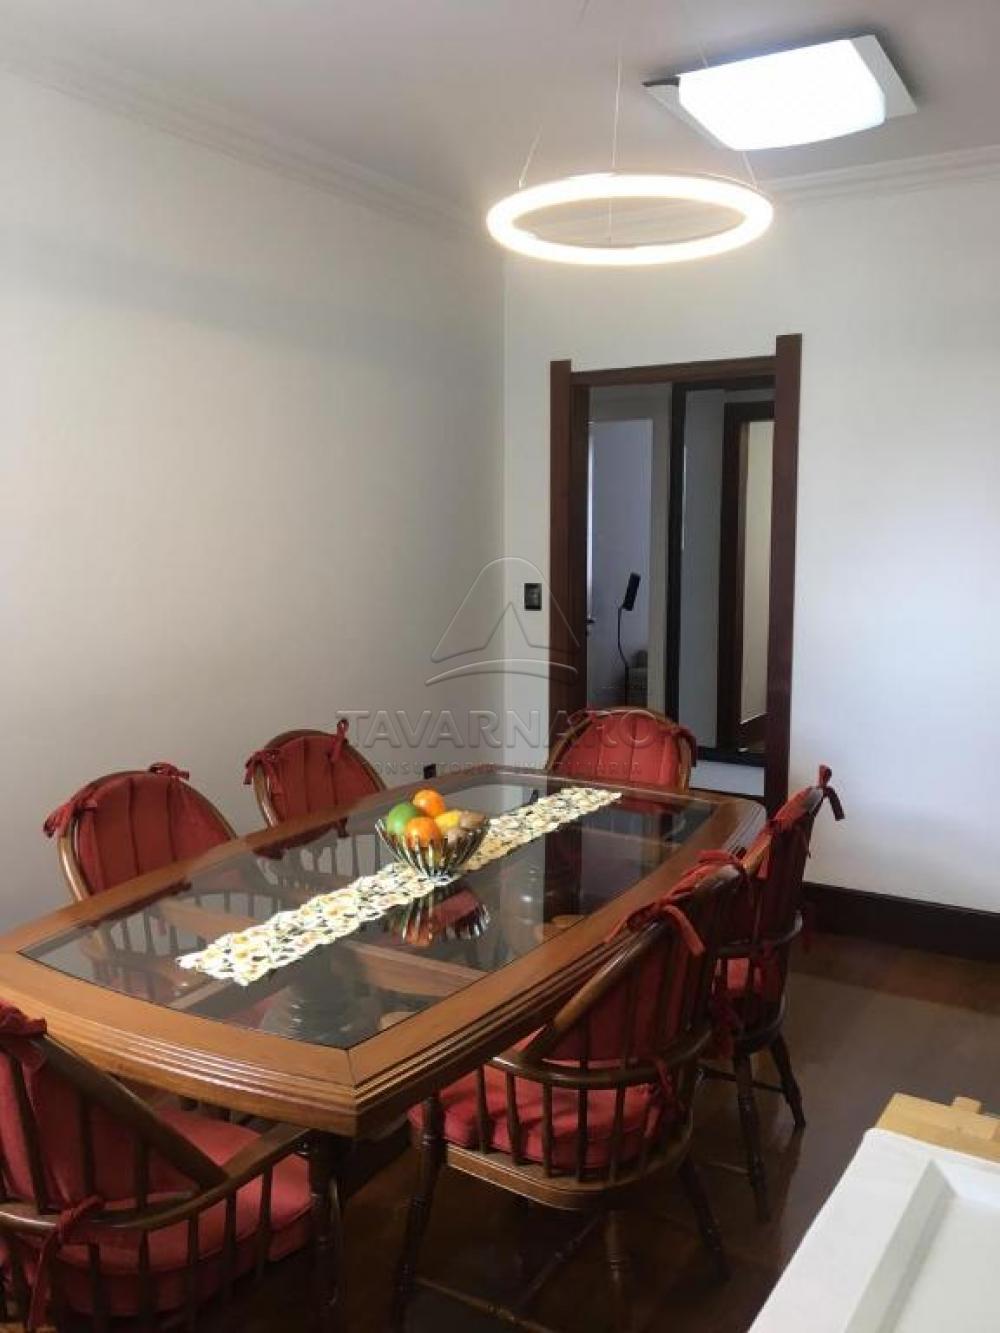 Comprar Apartamento / Padrão em Ponta Grossa R$ 620.000,00 - Foto 21